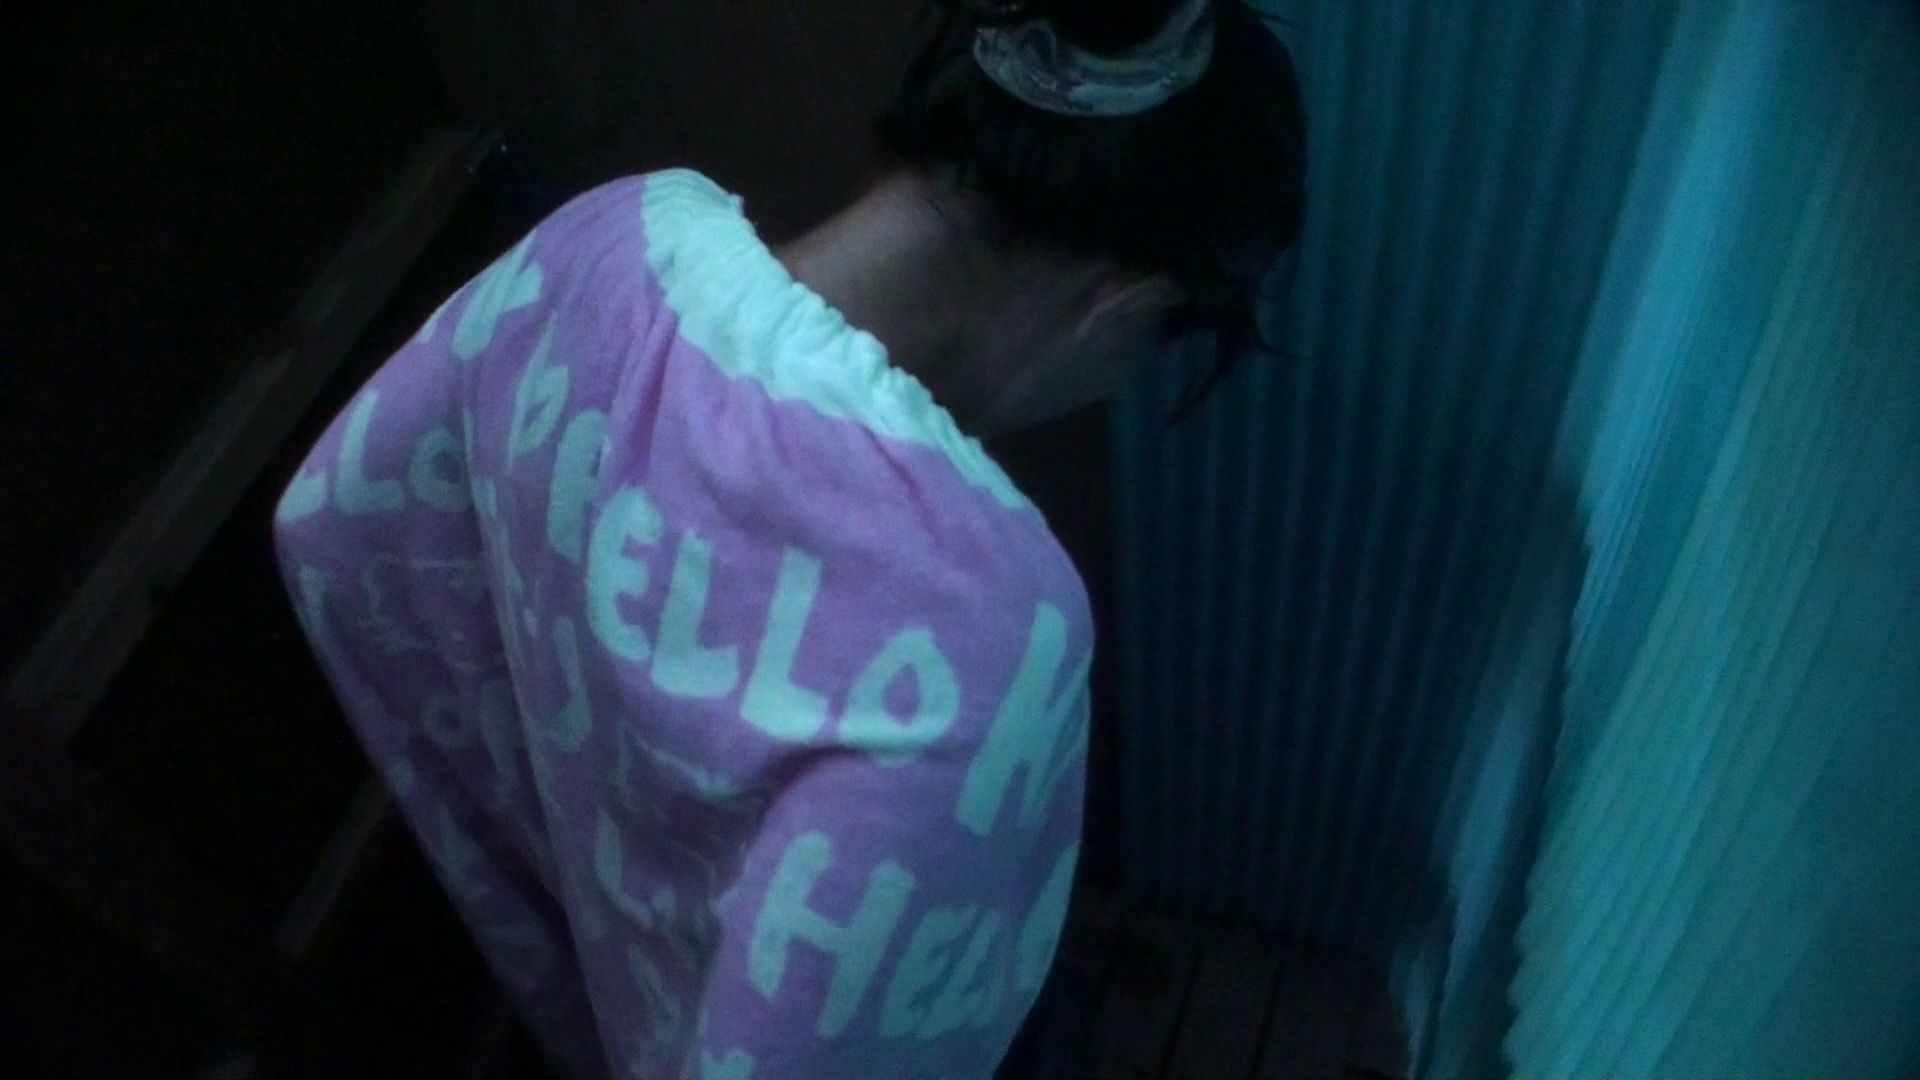 シャワールームは超!!危険な香りVol.26 大学生風美形ギャル 暗さが残念! シャワー 盗み撮りAV無料動画キャプチャ 86pic 42